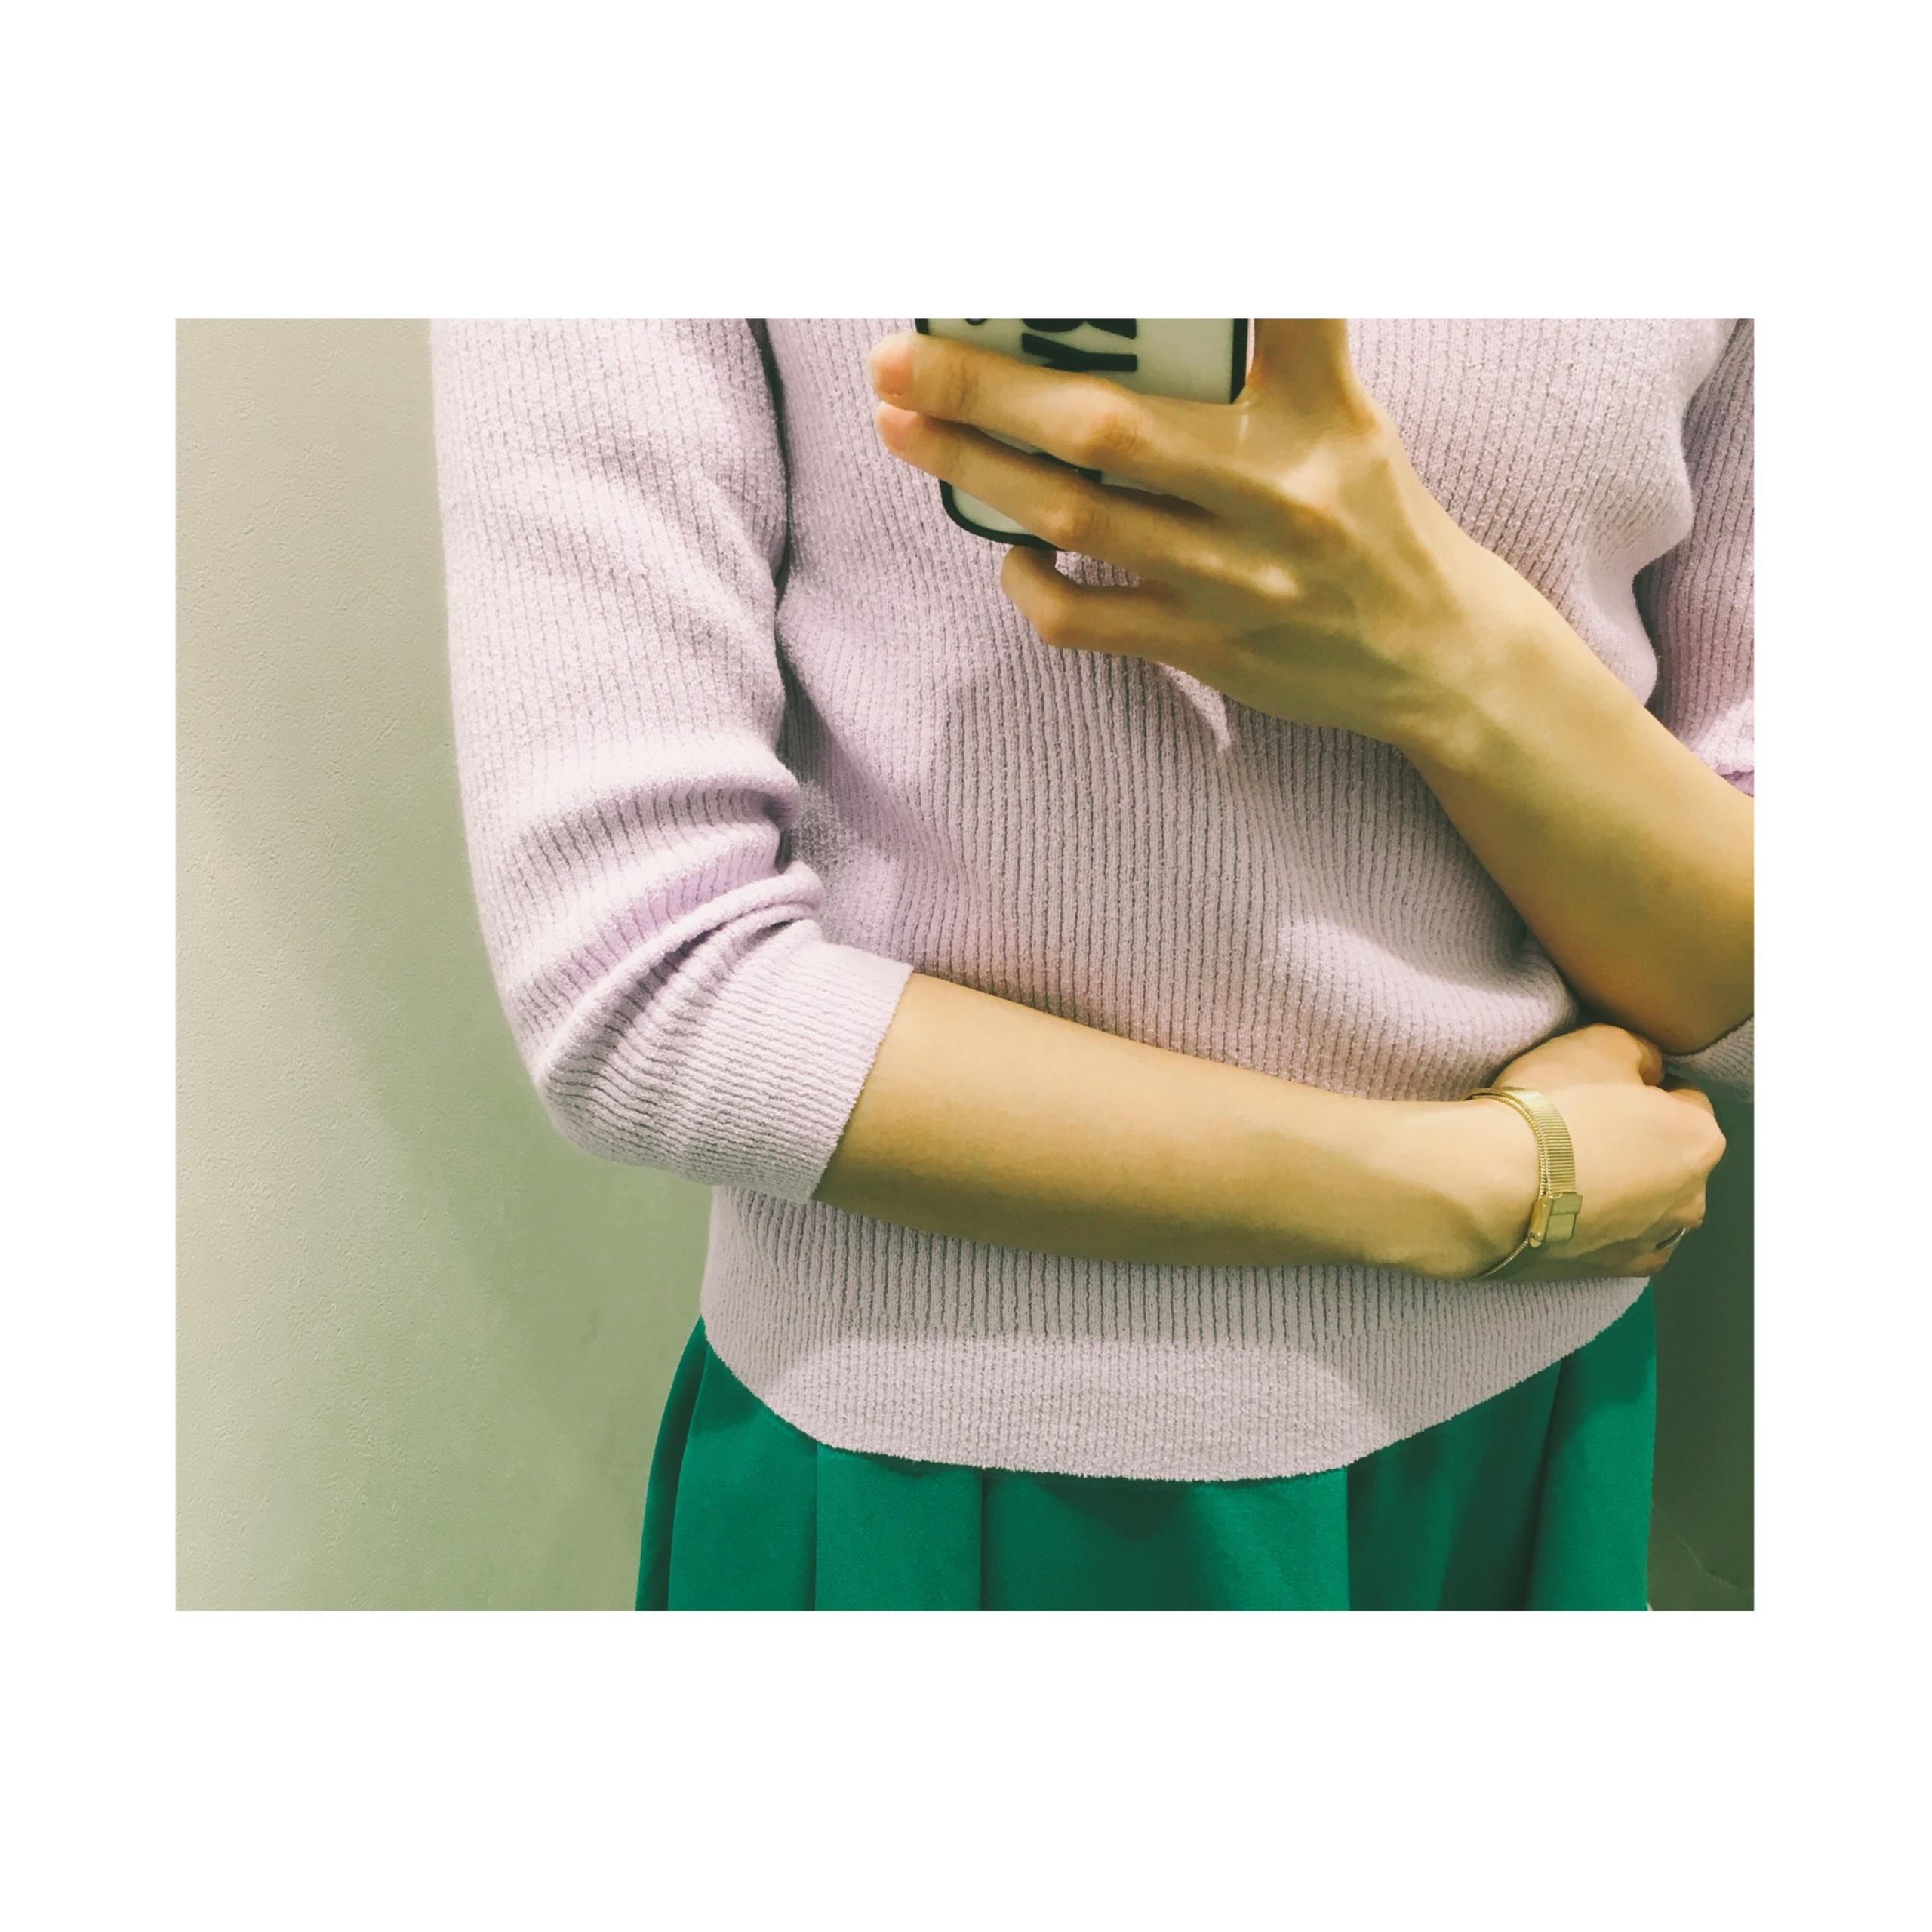 《今春注目のパープルカラーもプチプラでget★》【GU】の新作〝ブークレリブボートネックセーター〟¥1,490+税が着回し抜群です❤️_4